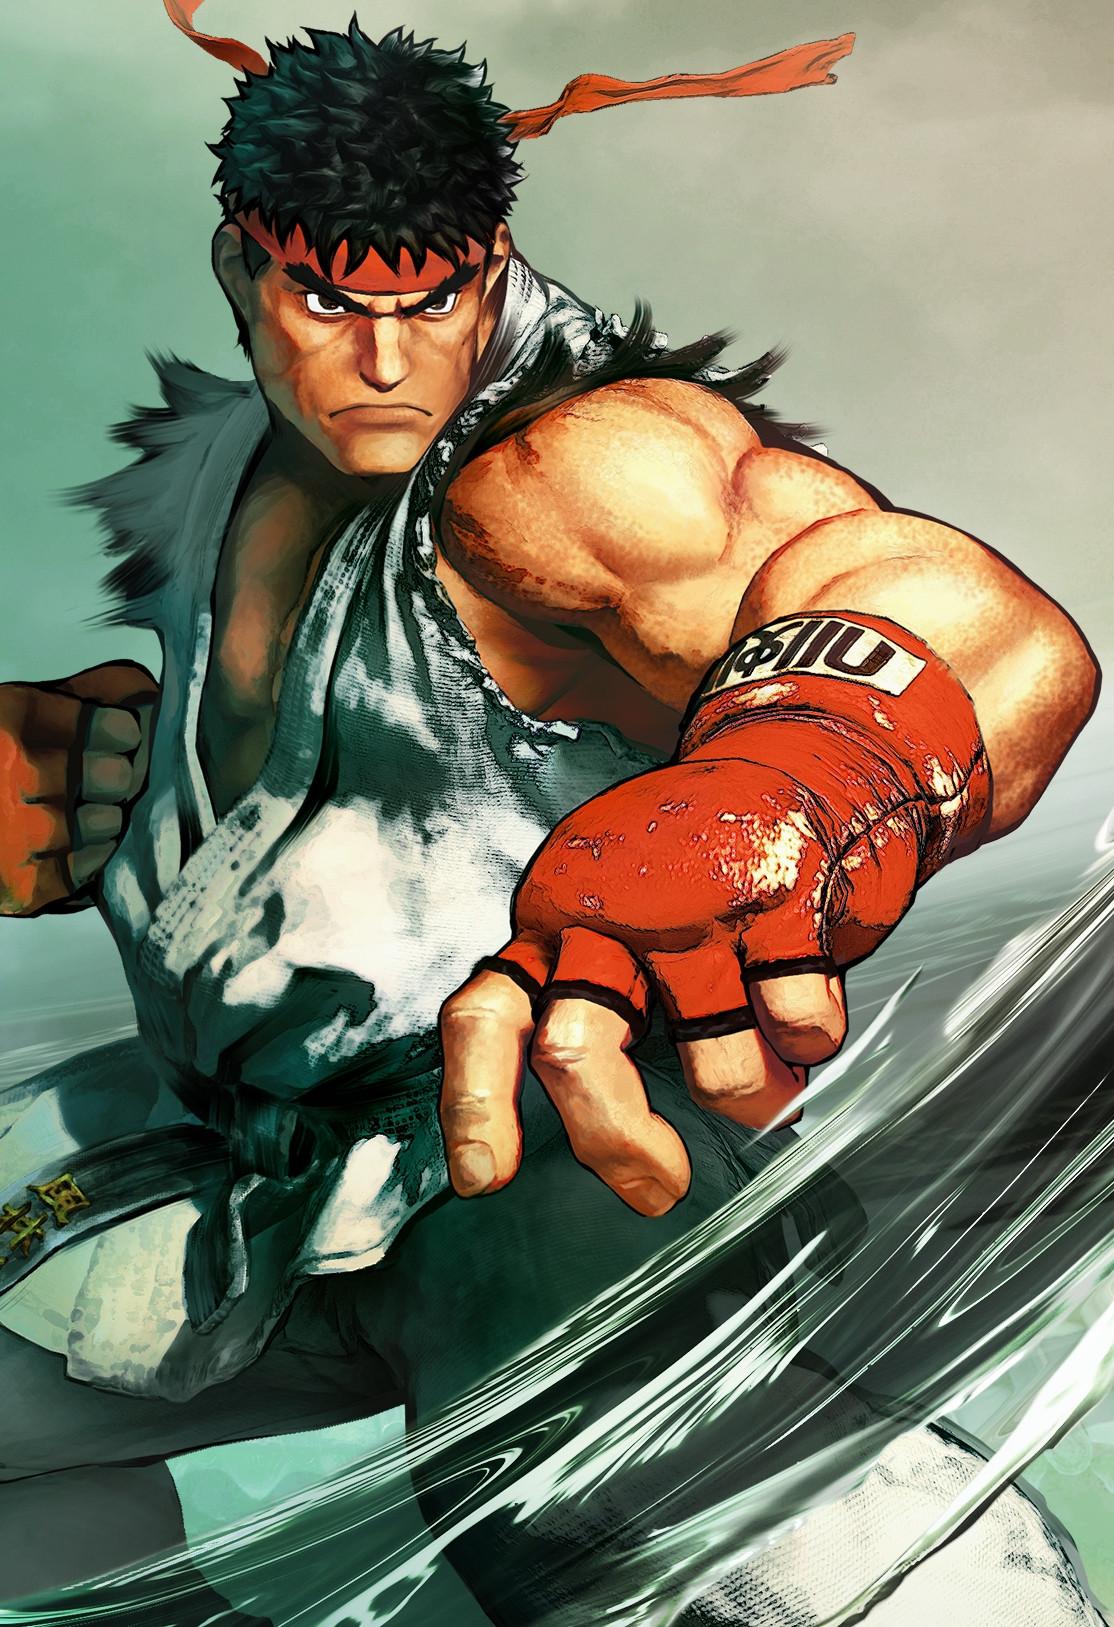 First Street Fighter 5 Artwork + 20 HD Screenshots ...